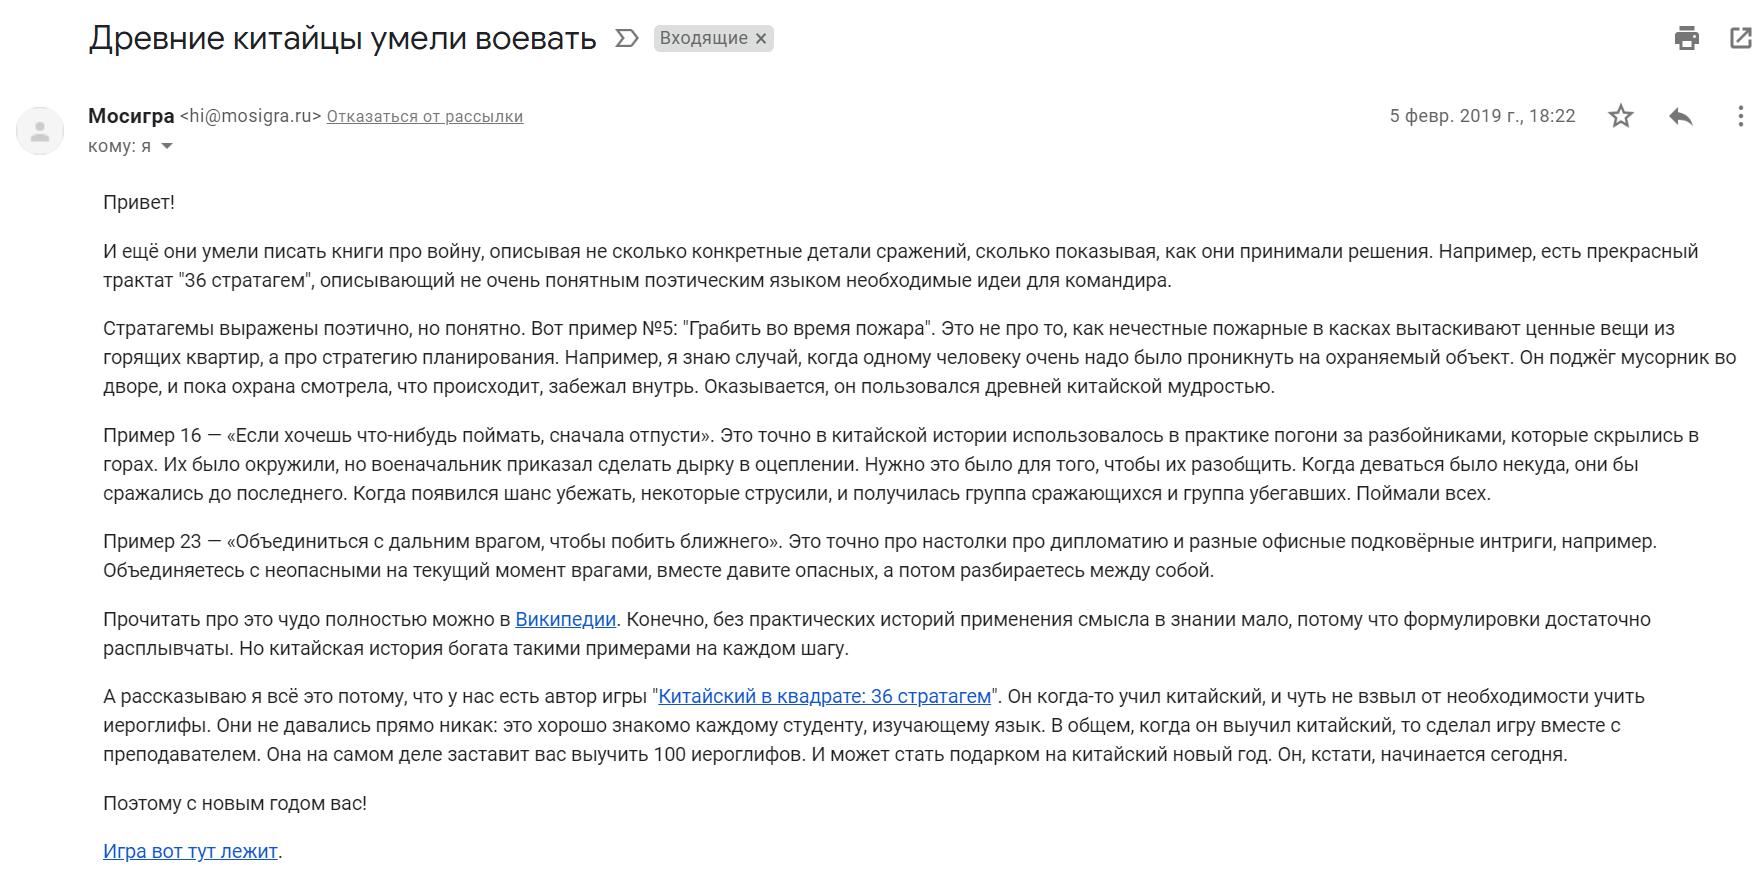 Пример имейл текстовое письмо без верстки